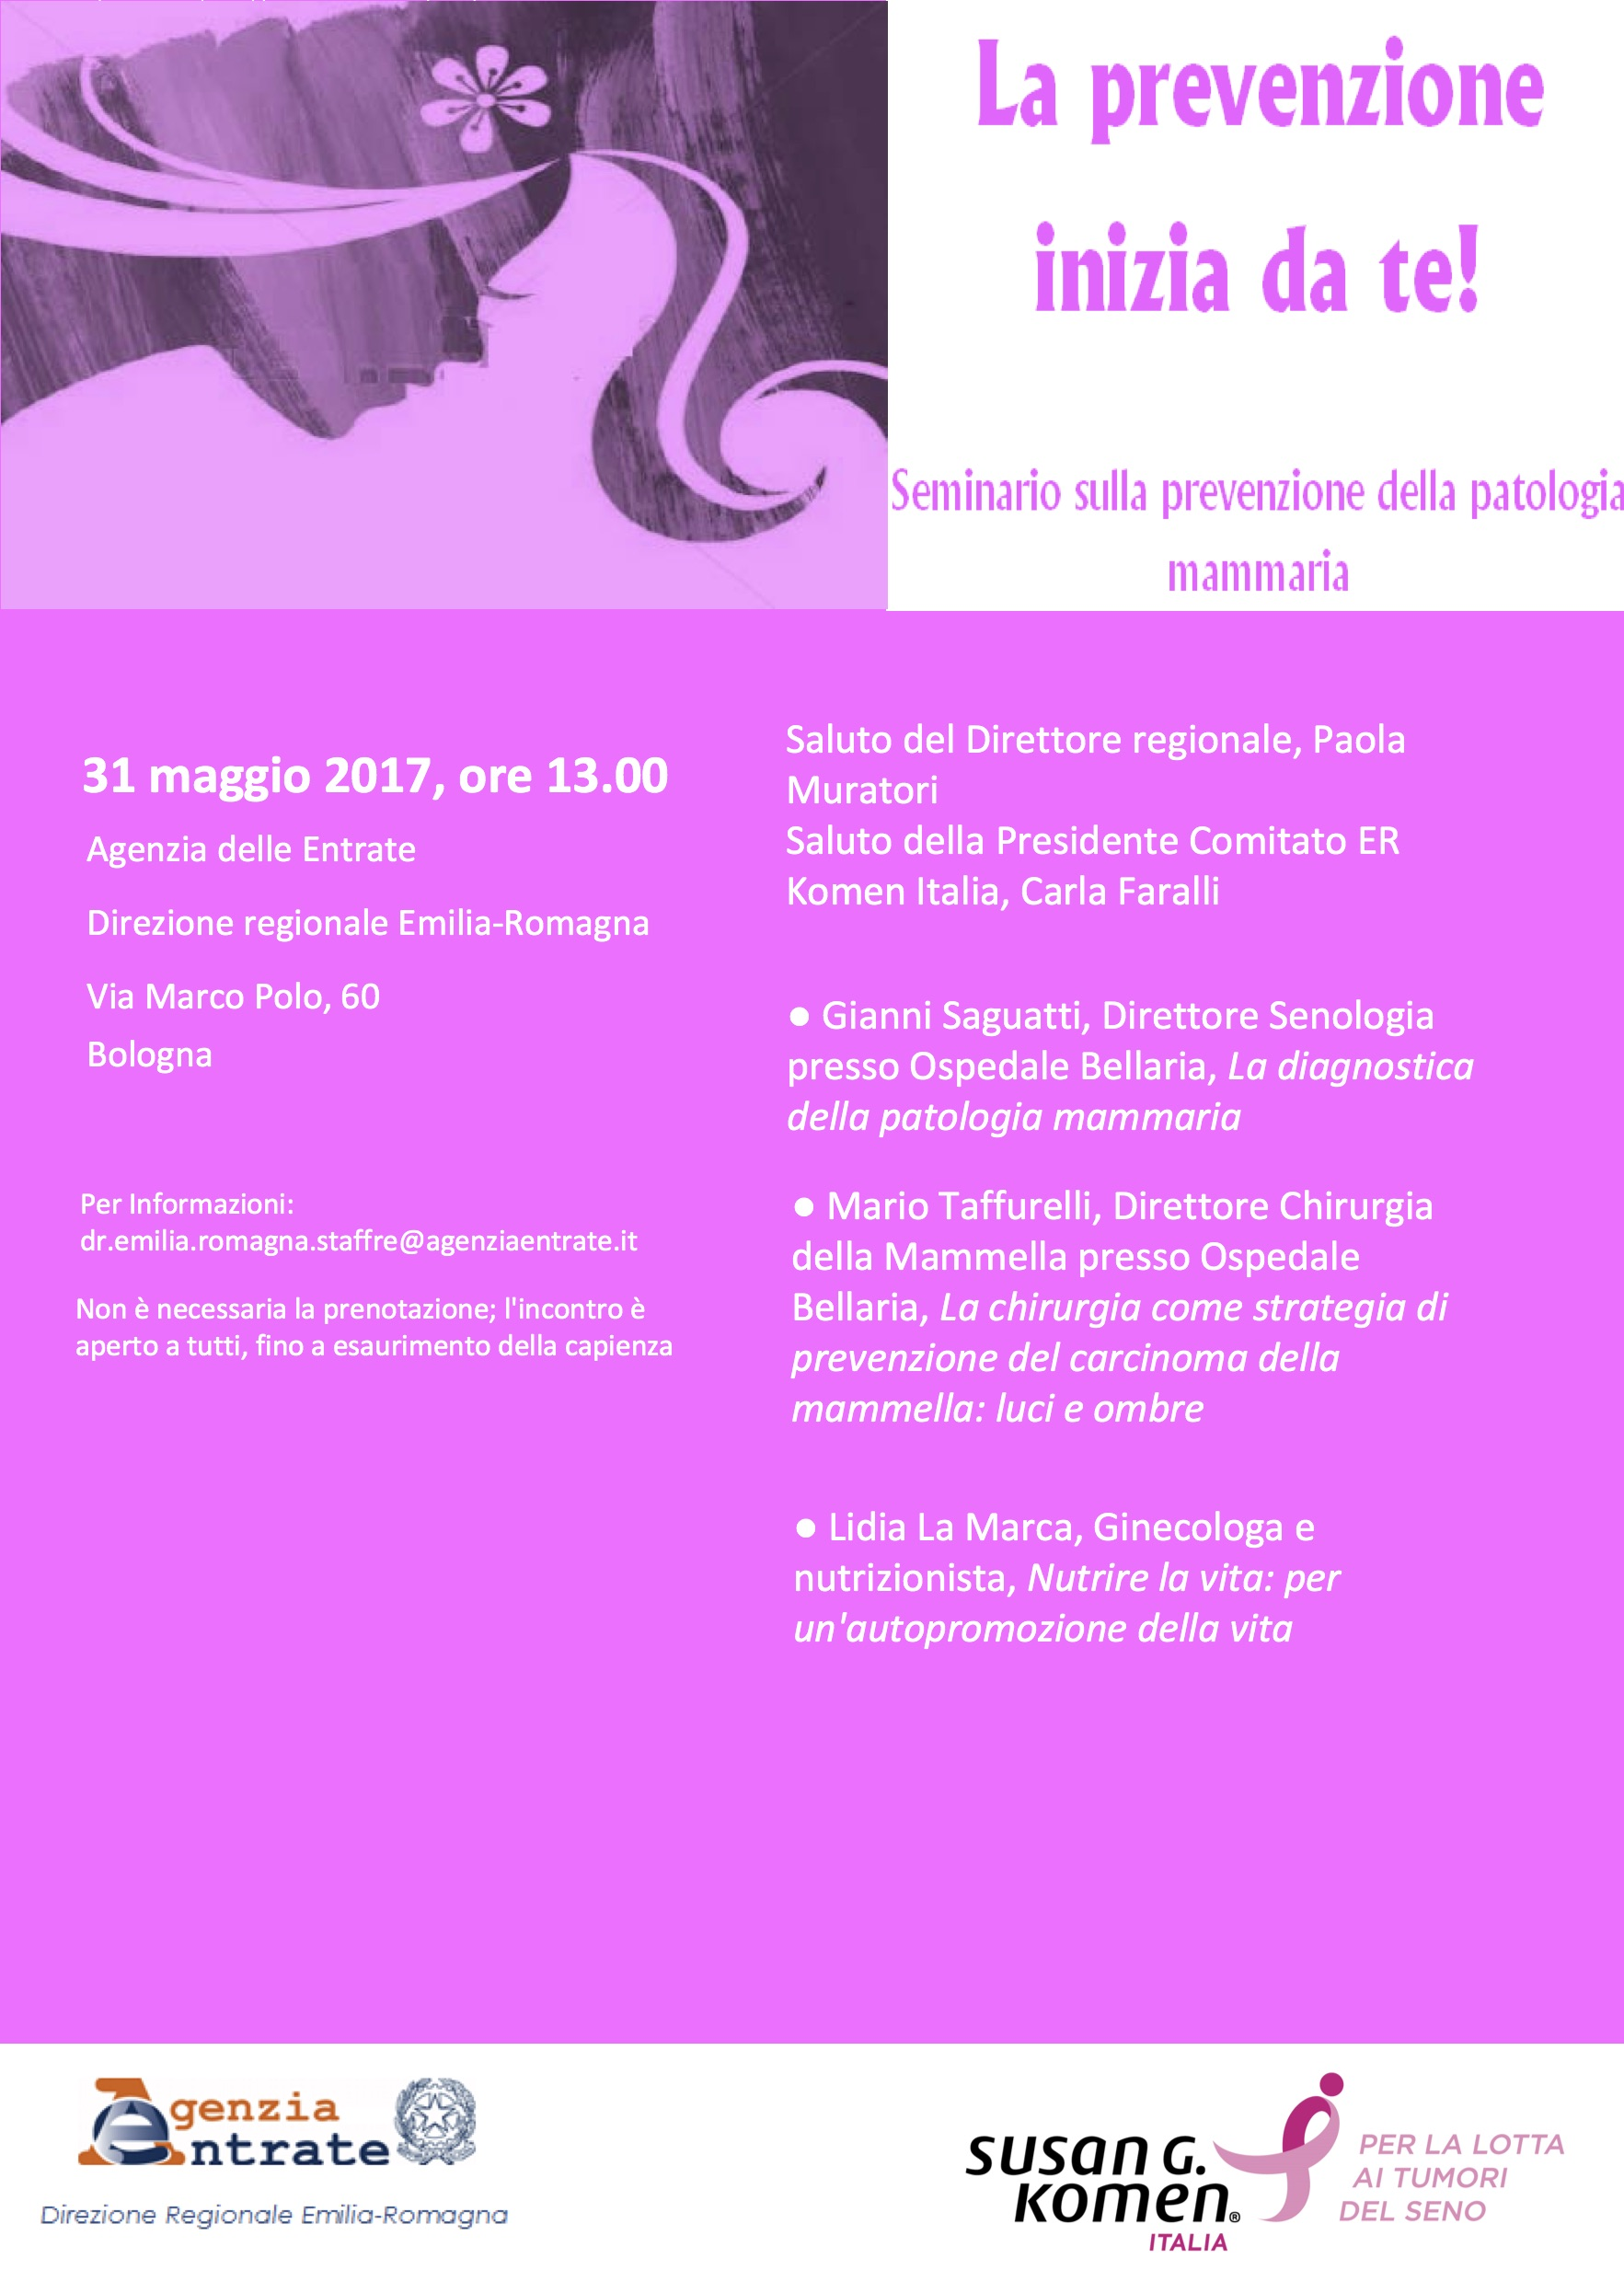 Susan G. Komen Italia: un appuntamento con la prevenzione